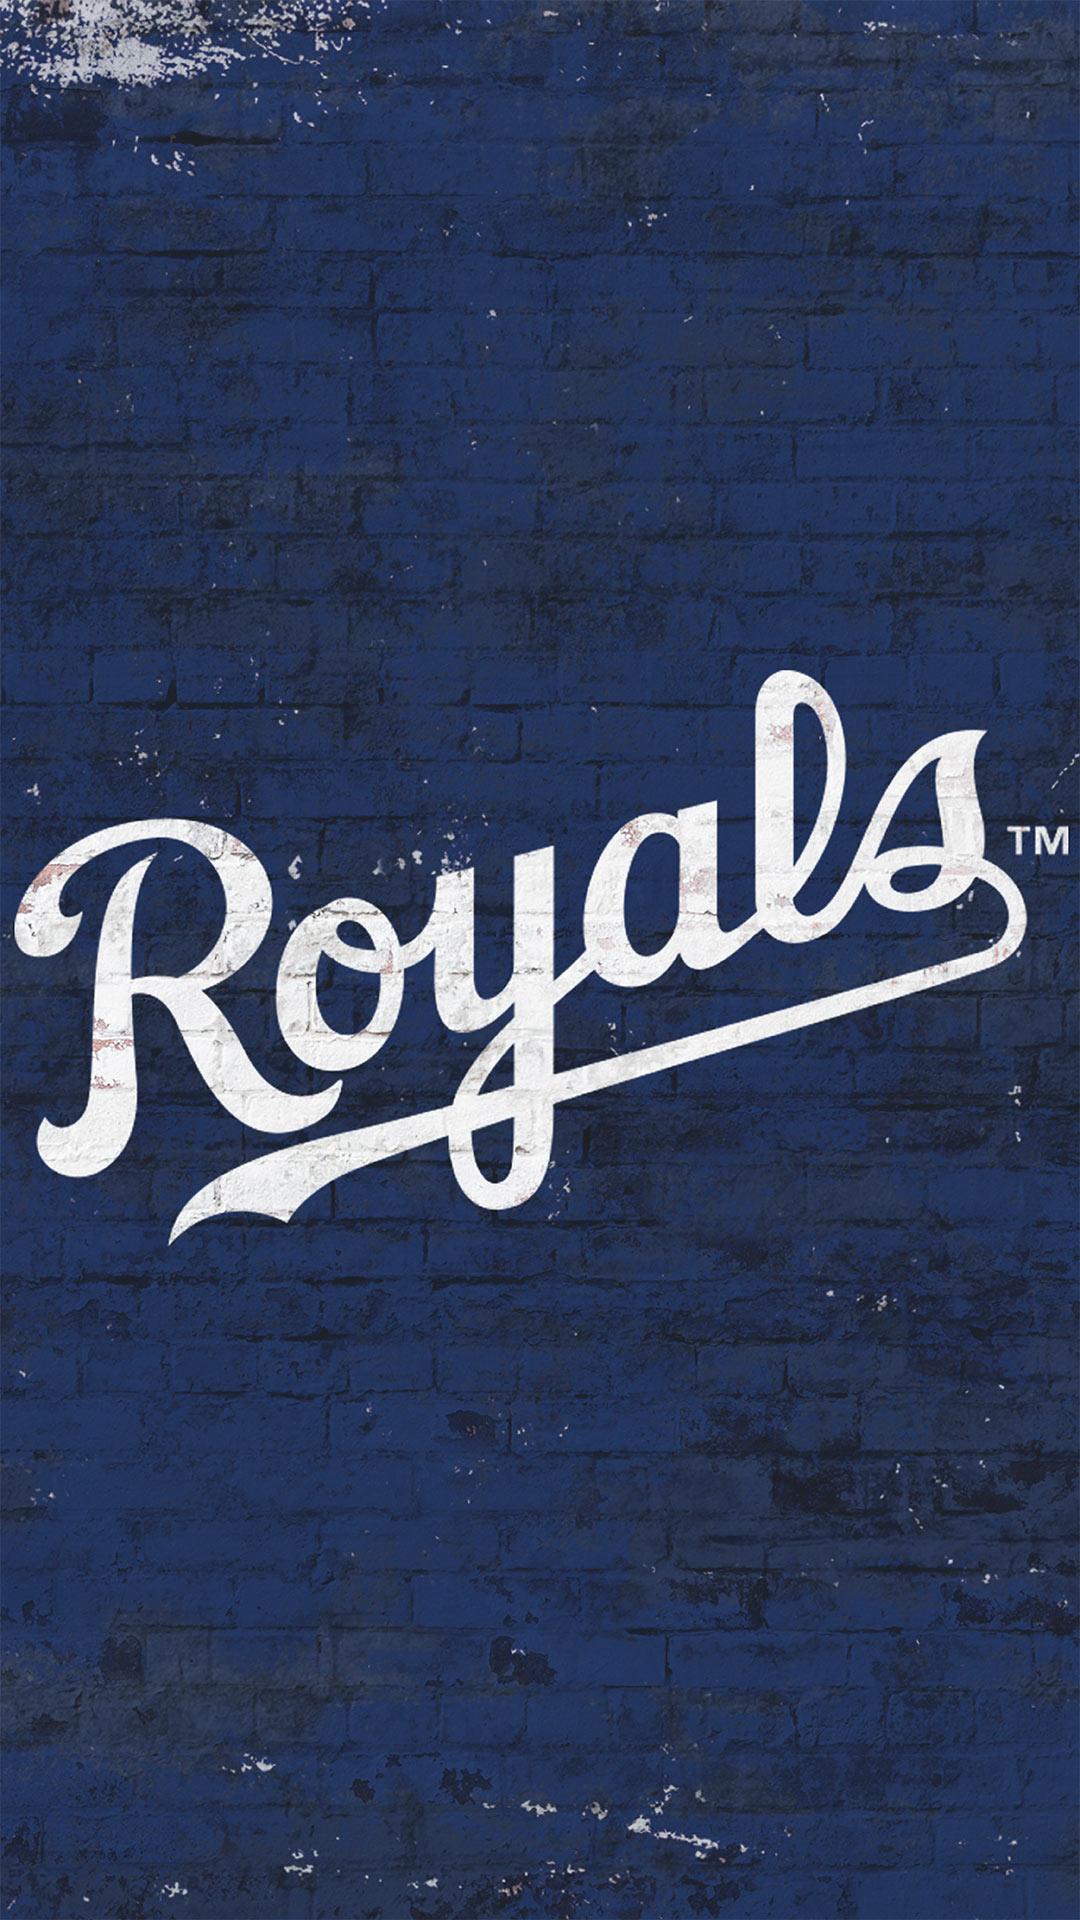 Royals Wallpaper For Iphone   1080x1920   Download HD Wallpaper 1080x1920